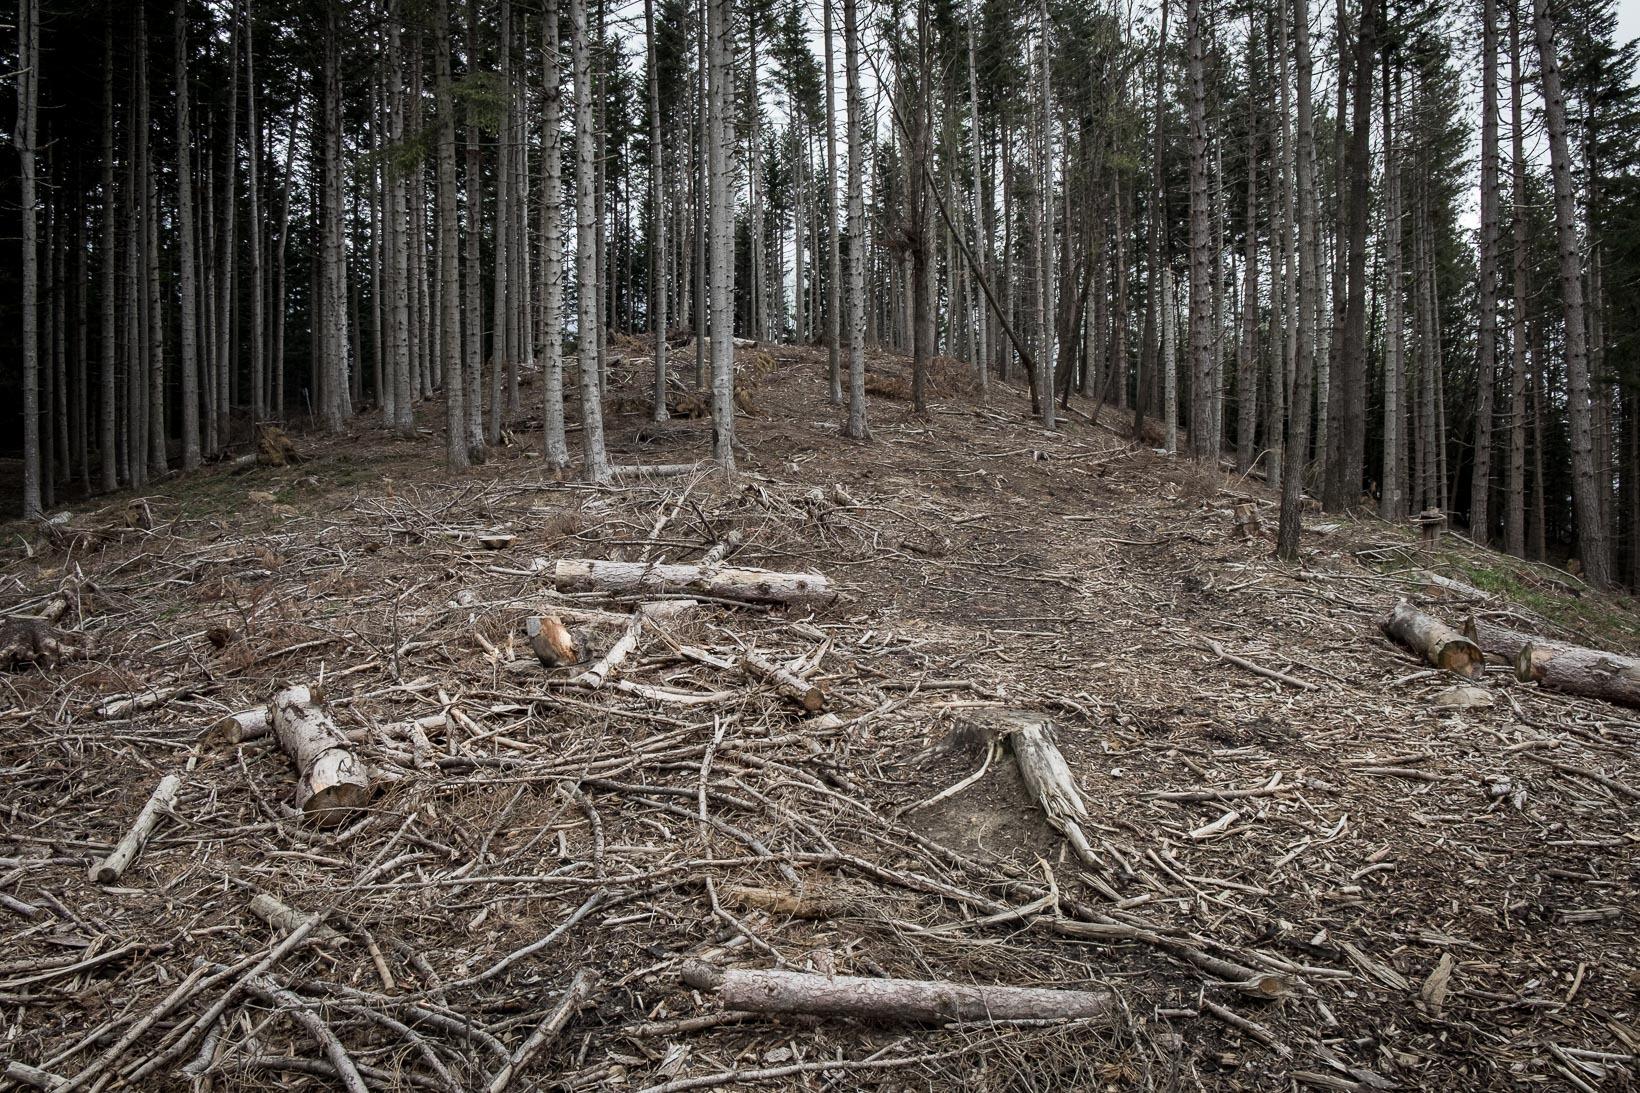 il-crinale-di-Ranchidoso-a-partire-dalla-tarda-estate-del-1944-fu-interamente-fortificato-dai-tedeschi-con-una-fitta-rete-di-postazioni-collegate-da-camminamenti